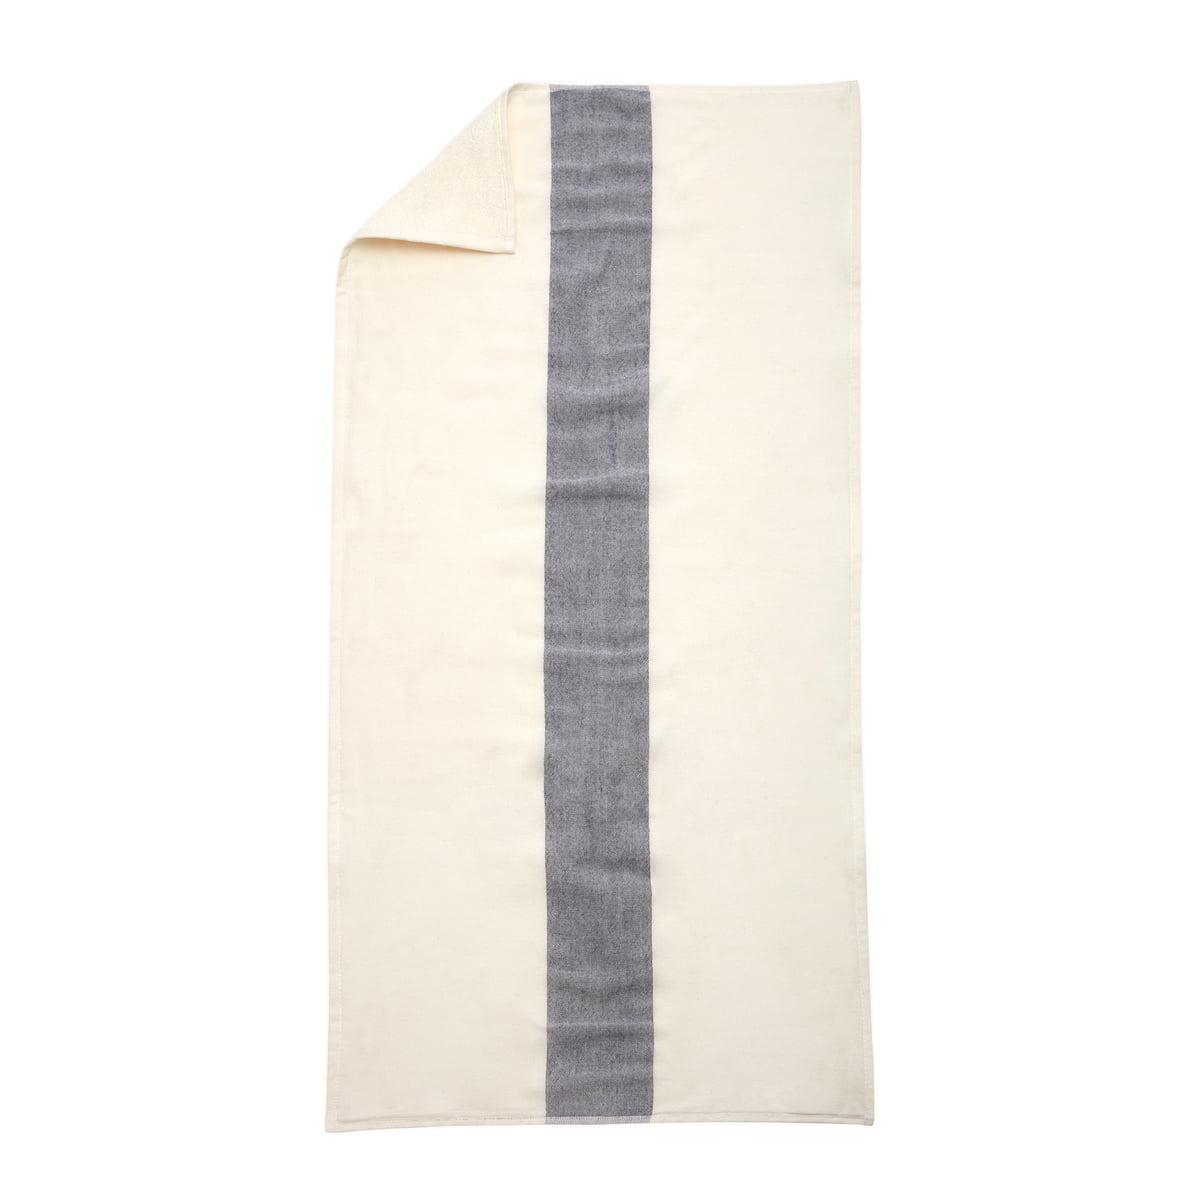 Skagerak - Stripes Towel Badetuch, 70 x 140 cm, whisper white / dark blue   Bad > Handtücher > Badetücher   Blau/weiß   Skagerak